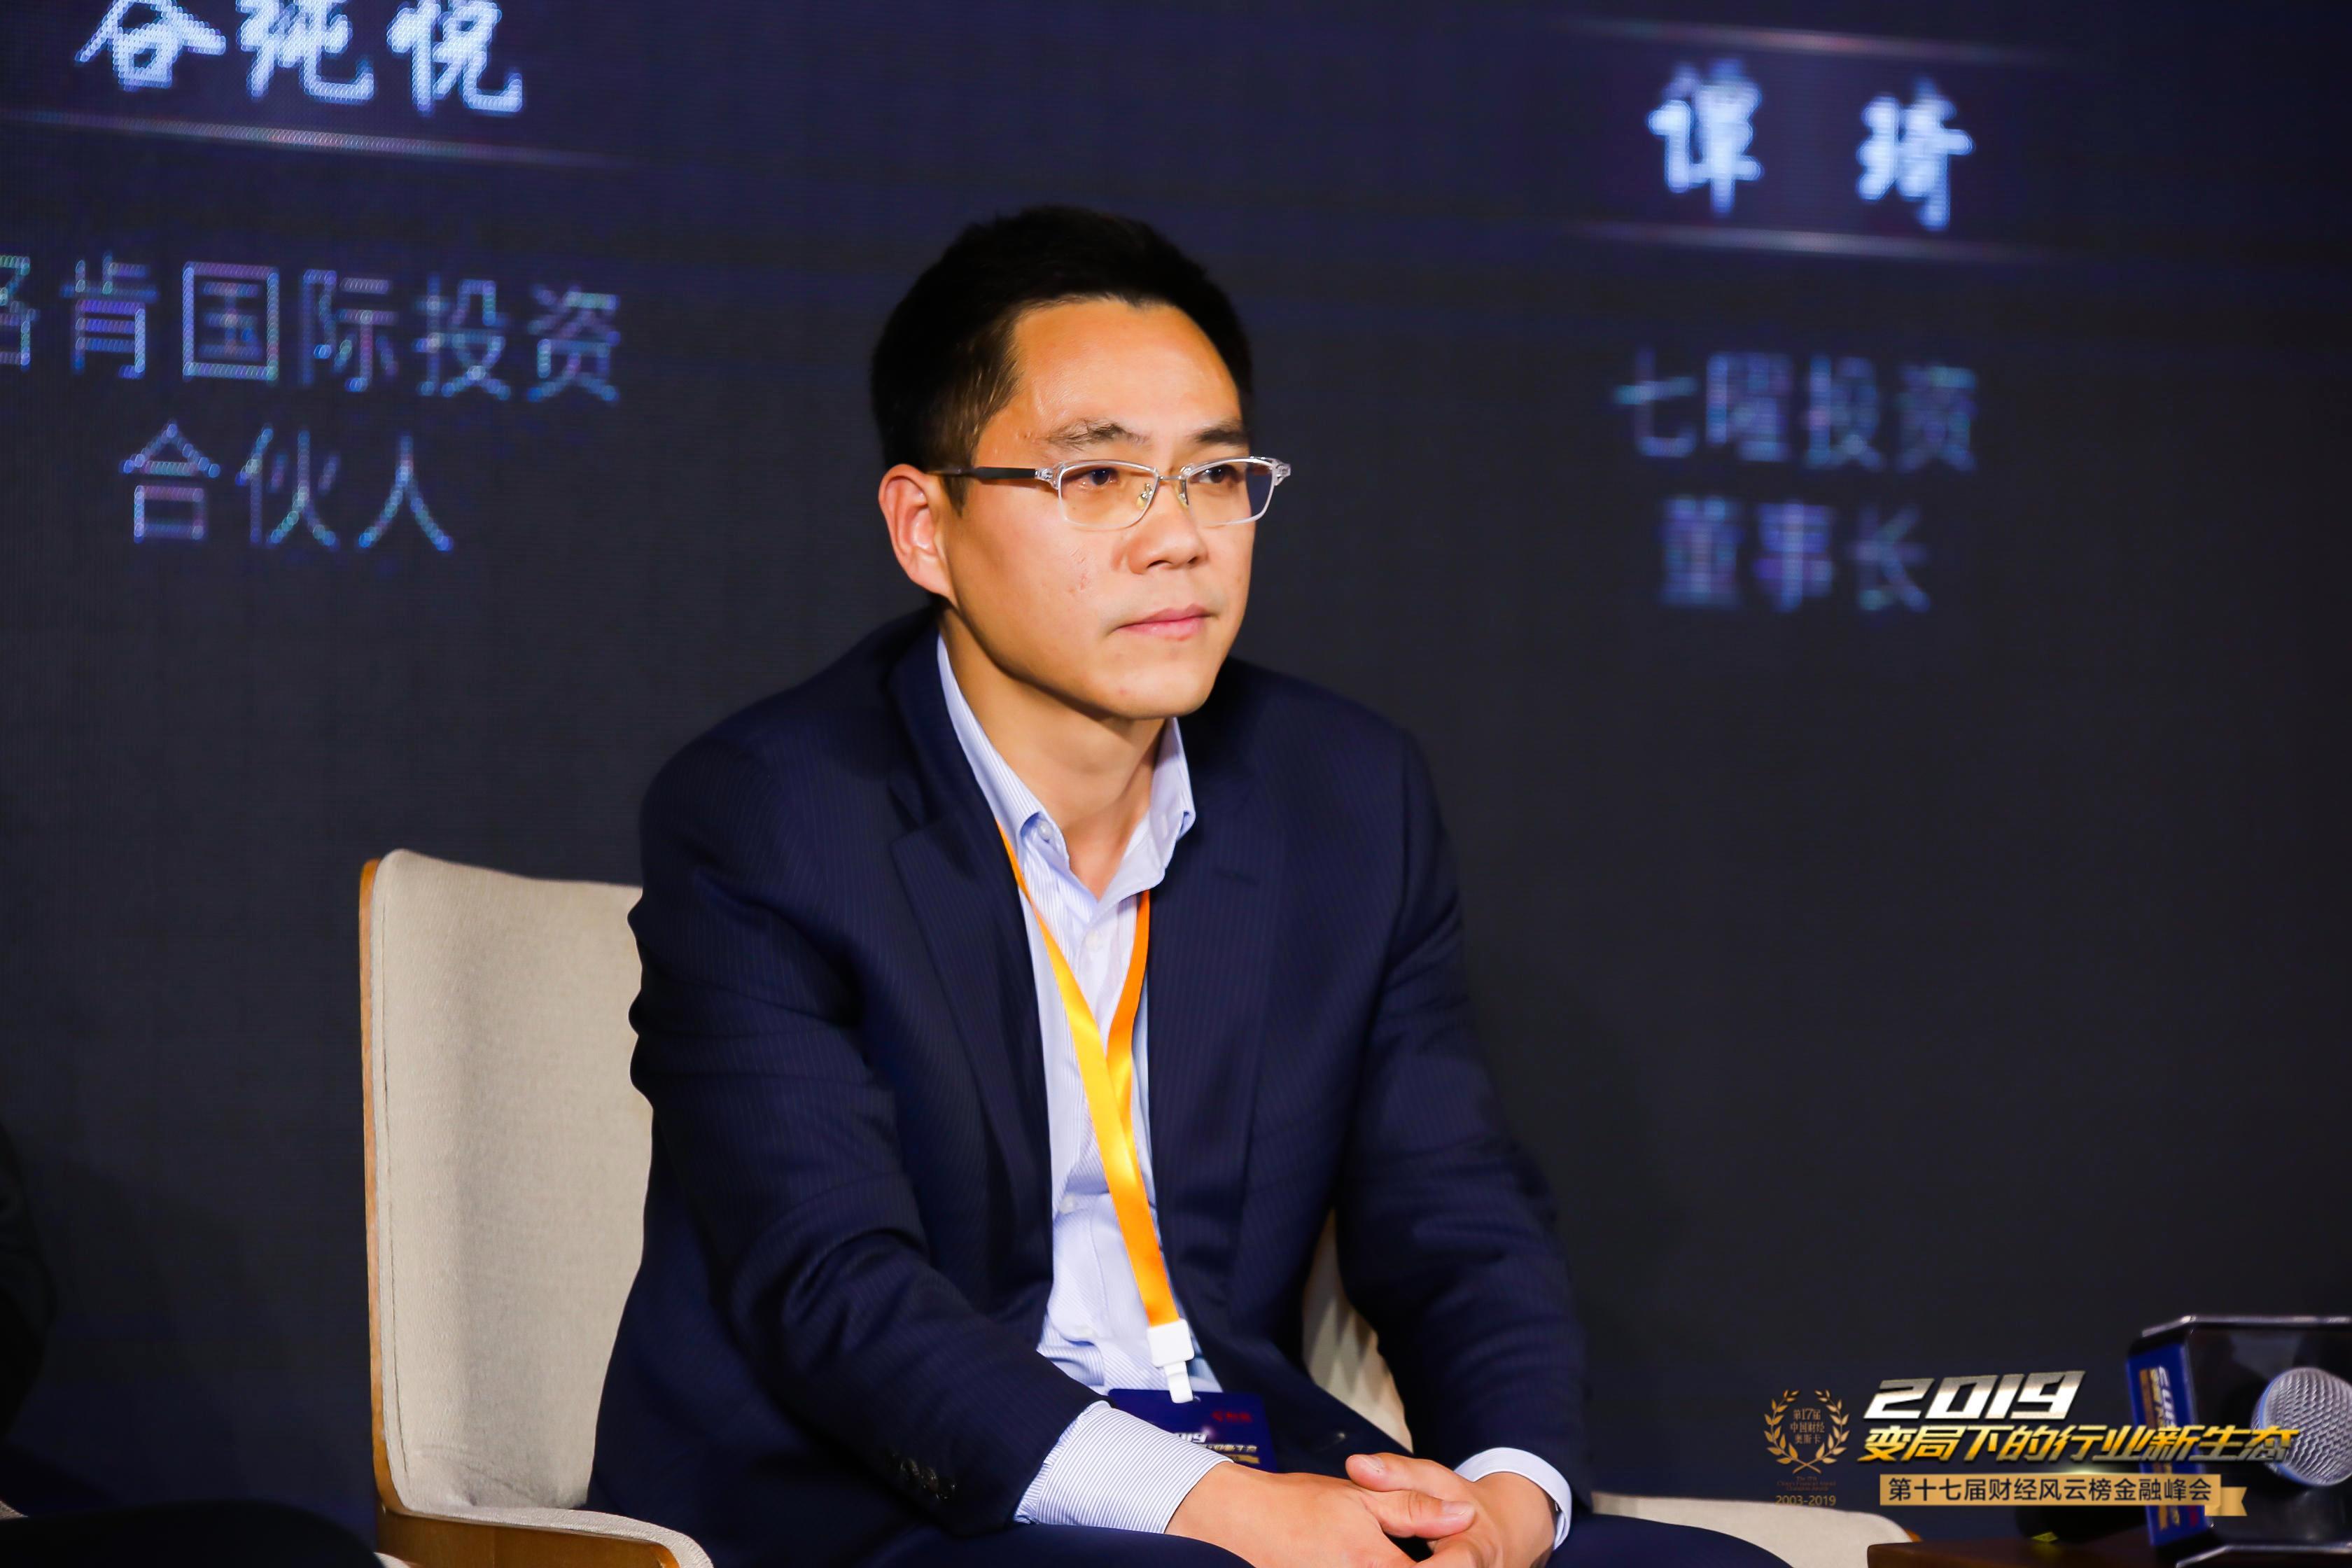 谷纯悦:明年权益市场的机会主要来自于港股和A股